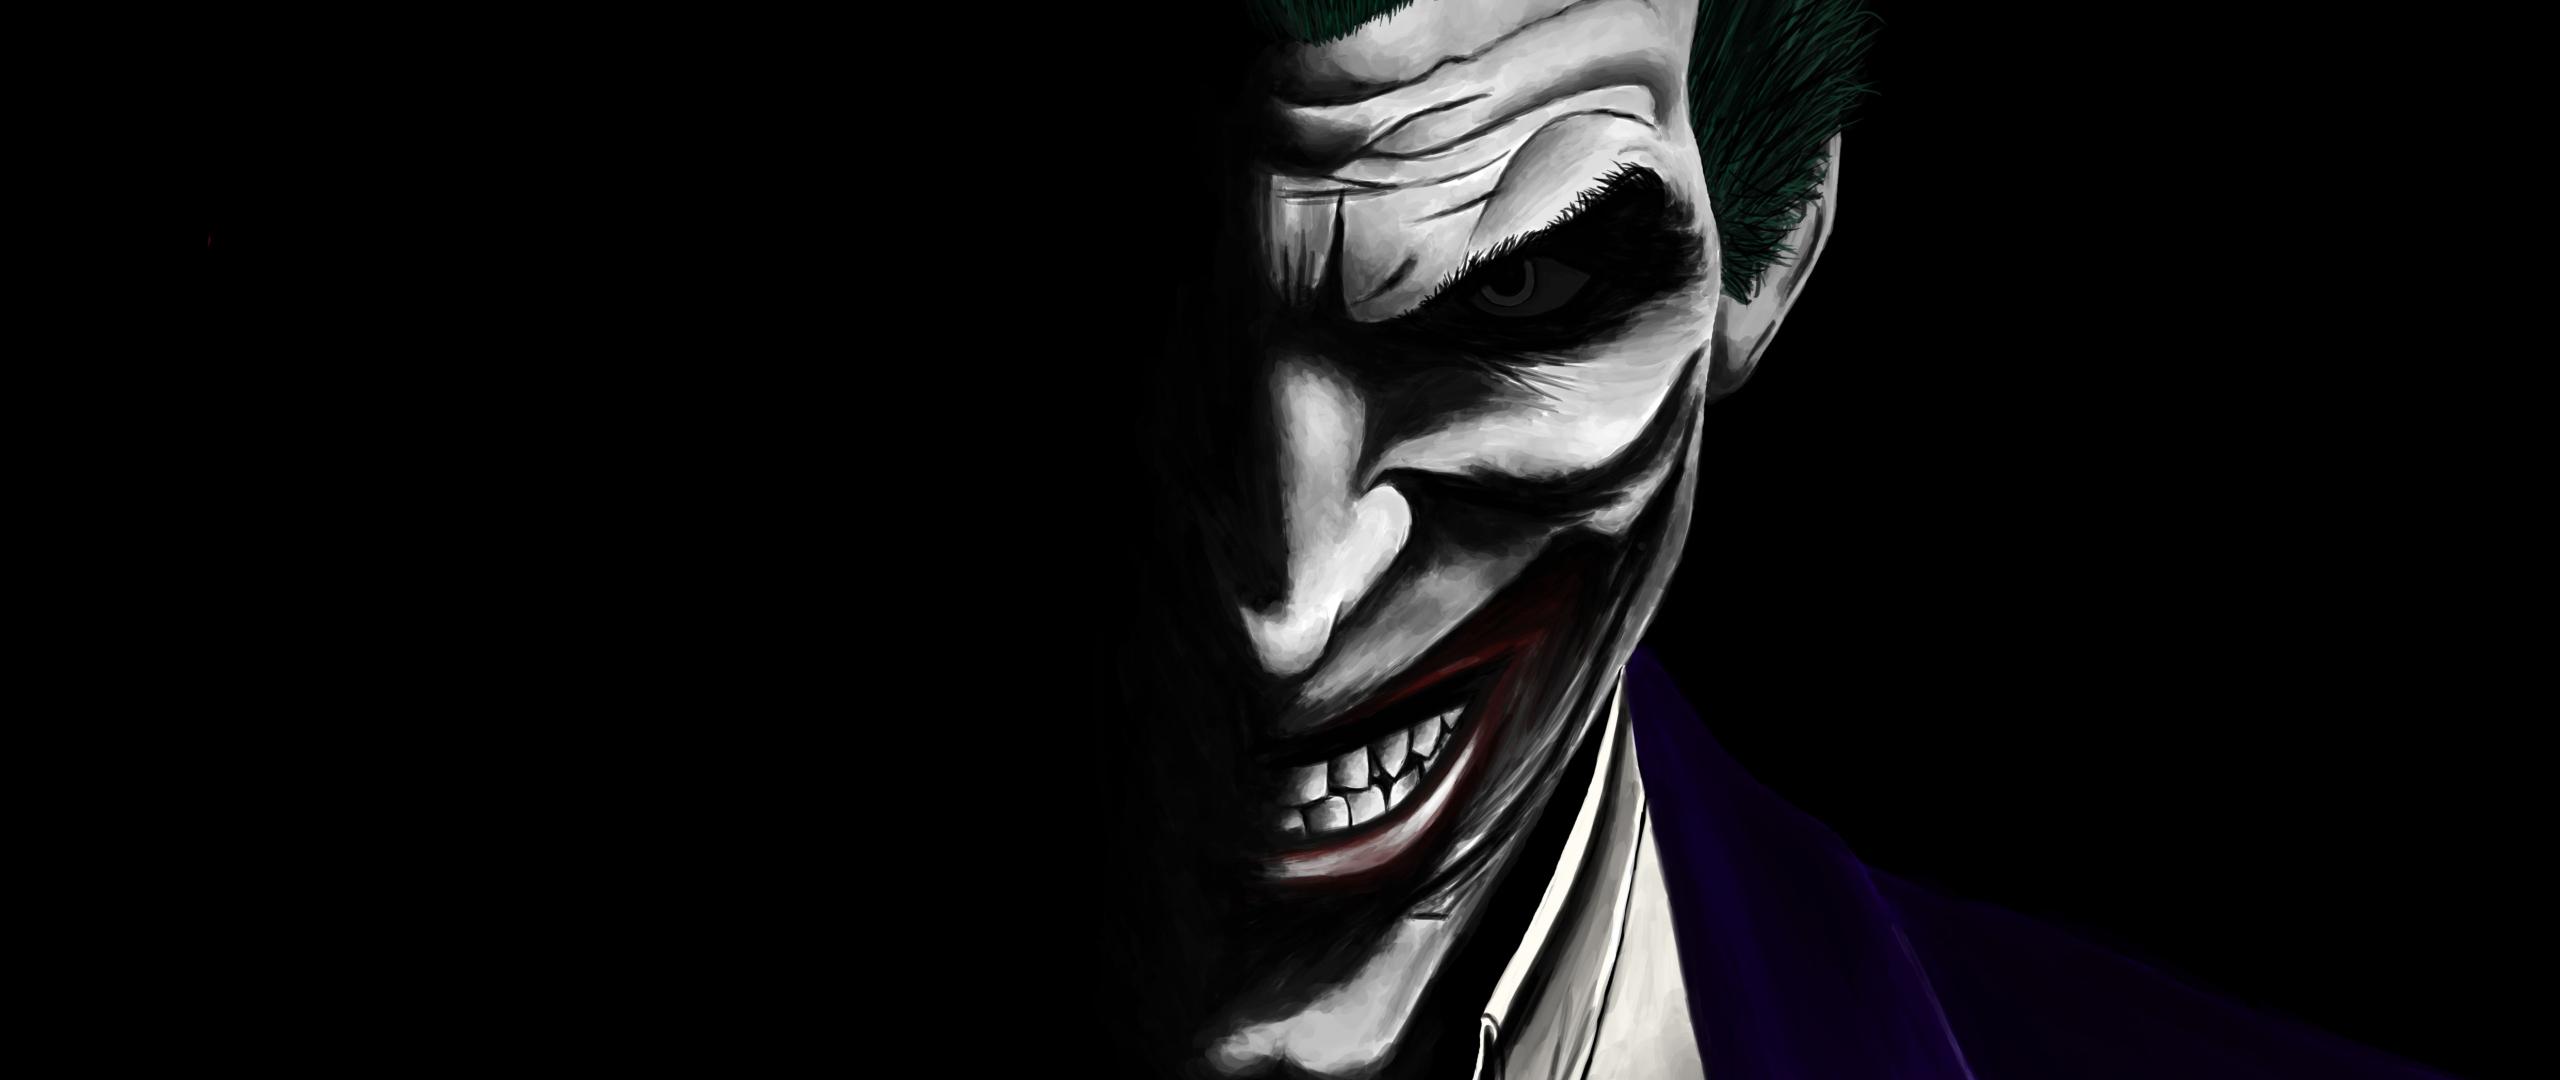 Joker Wallpapers Desktop